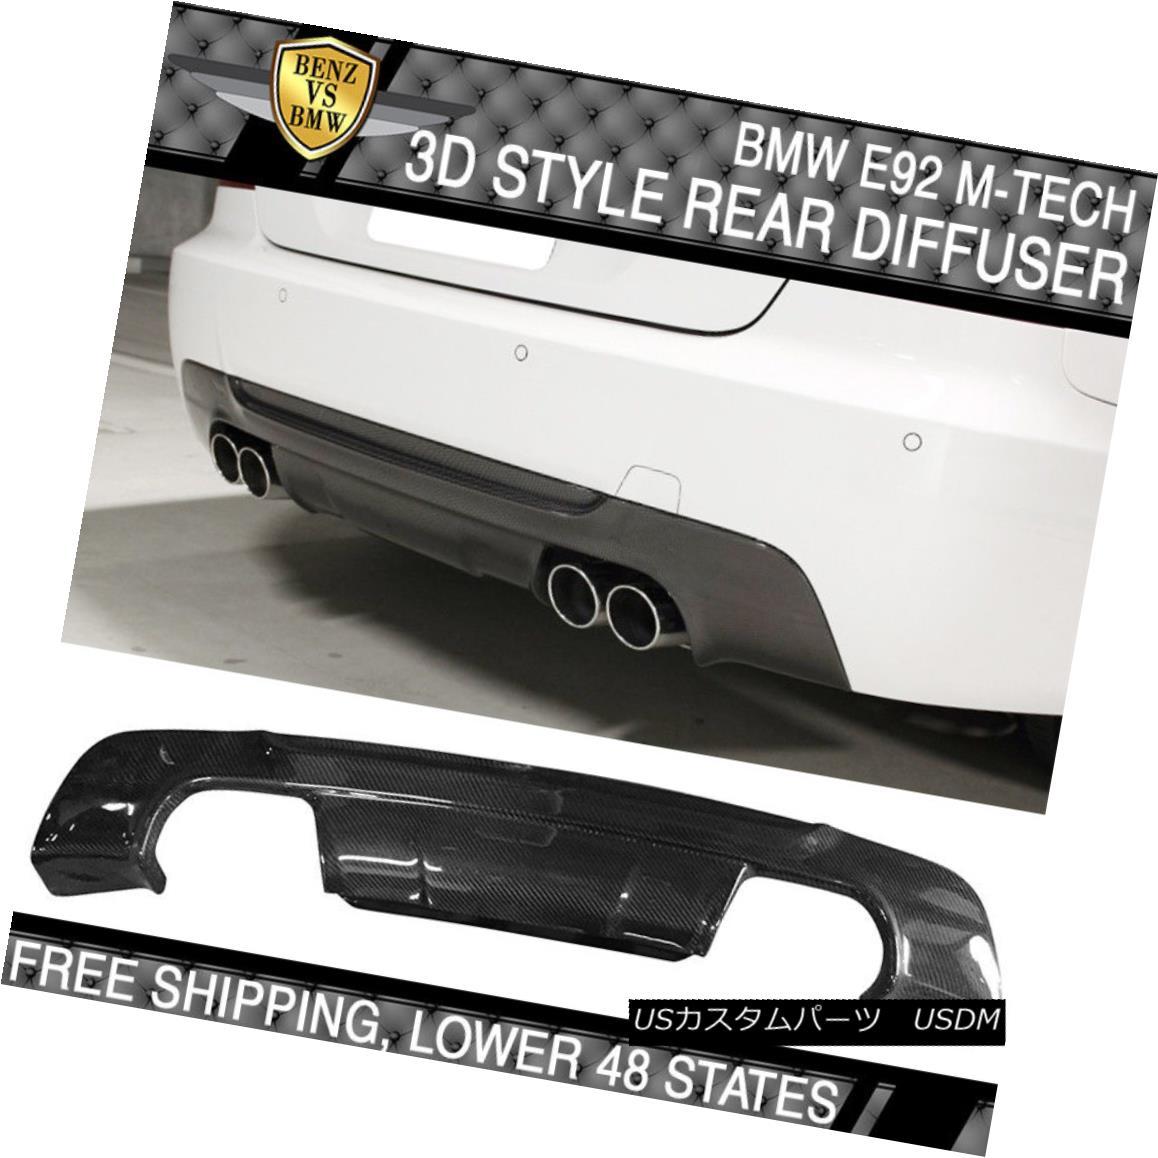 エアロパーツ Rear Fits 07-13 BMW E92 Carbon 3 Series M-Tech M E92 Sport 3D Style Rear Diffuser Carbon Fiber フィット07-13 BMW E92 3シリーズM-Tech Mスポーツ3Dスタイルリアディフューザーカーボンファイバー, 札幌スポーツ館:d509b177 --- officewill.xsrv.jp